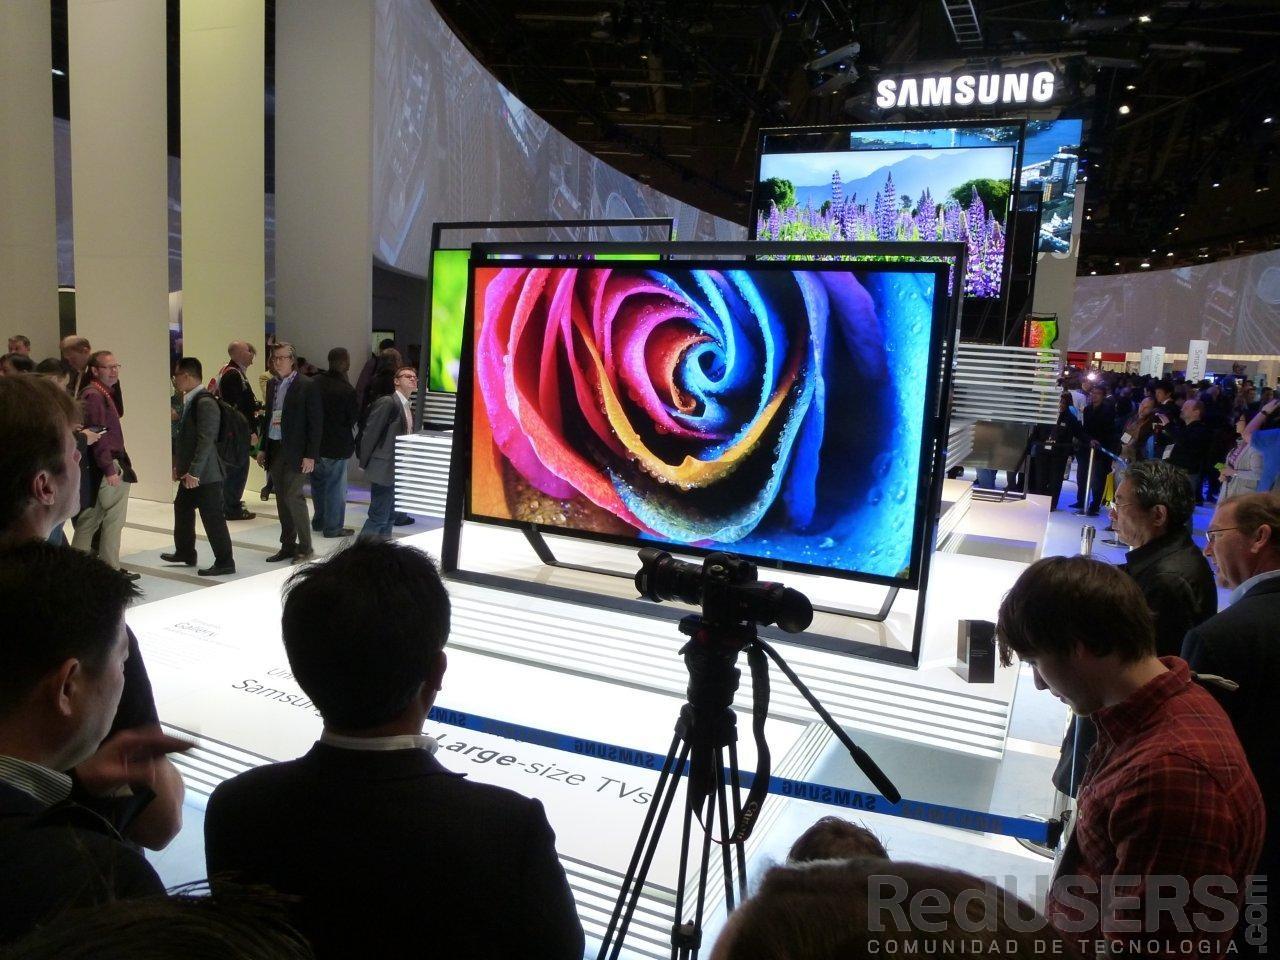 La estrella del Lunes, el Samsung S9 de 85 pulgadas, presente en el espacio de Samsung